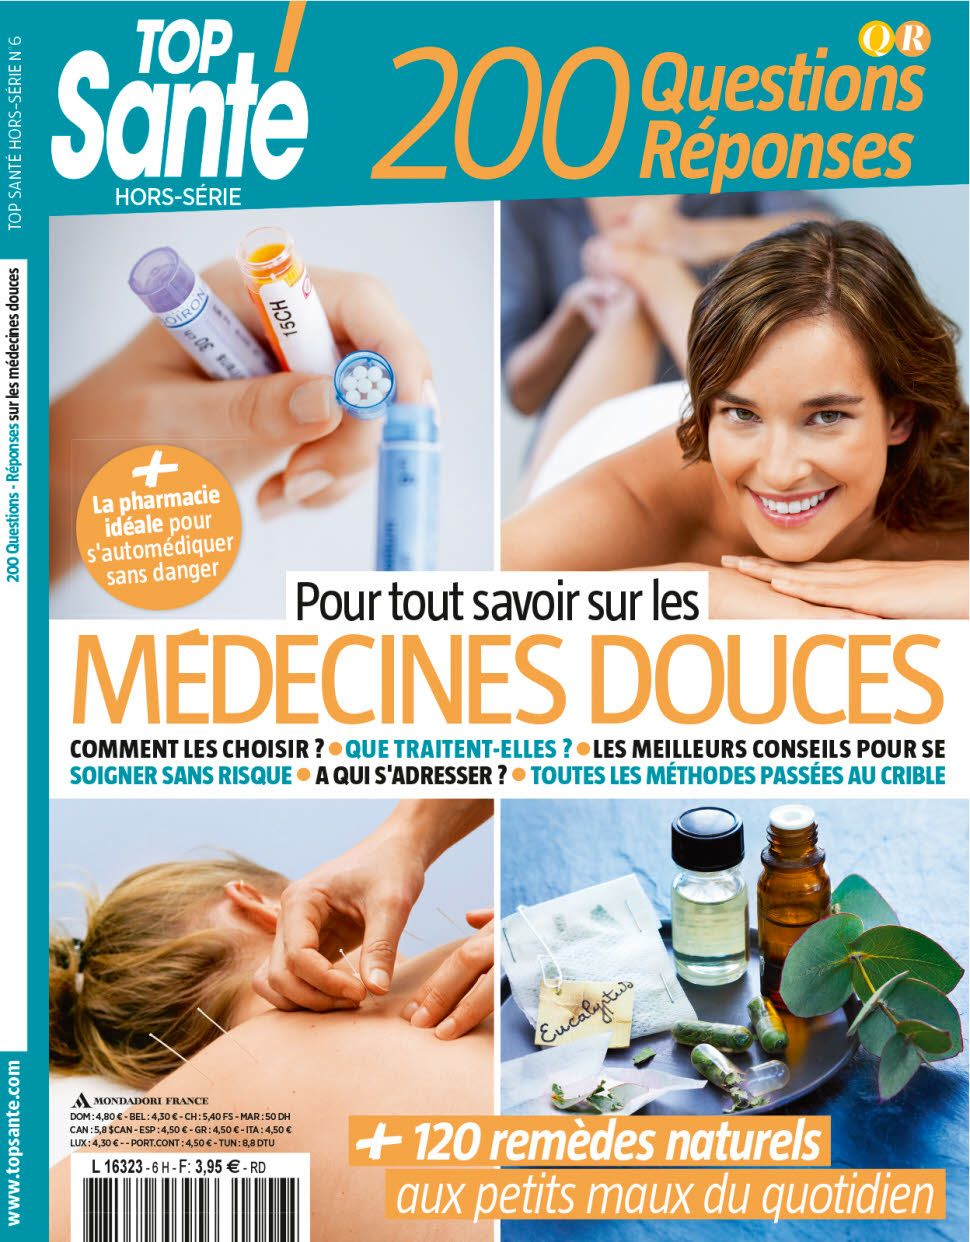 Top Santé Hors-Série 6 - Medecines Douces